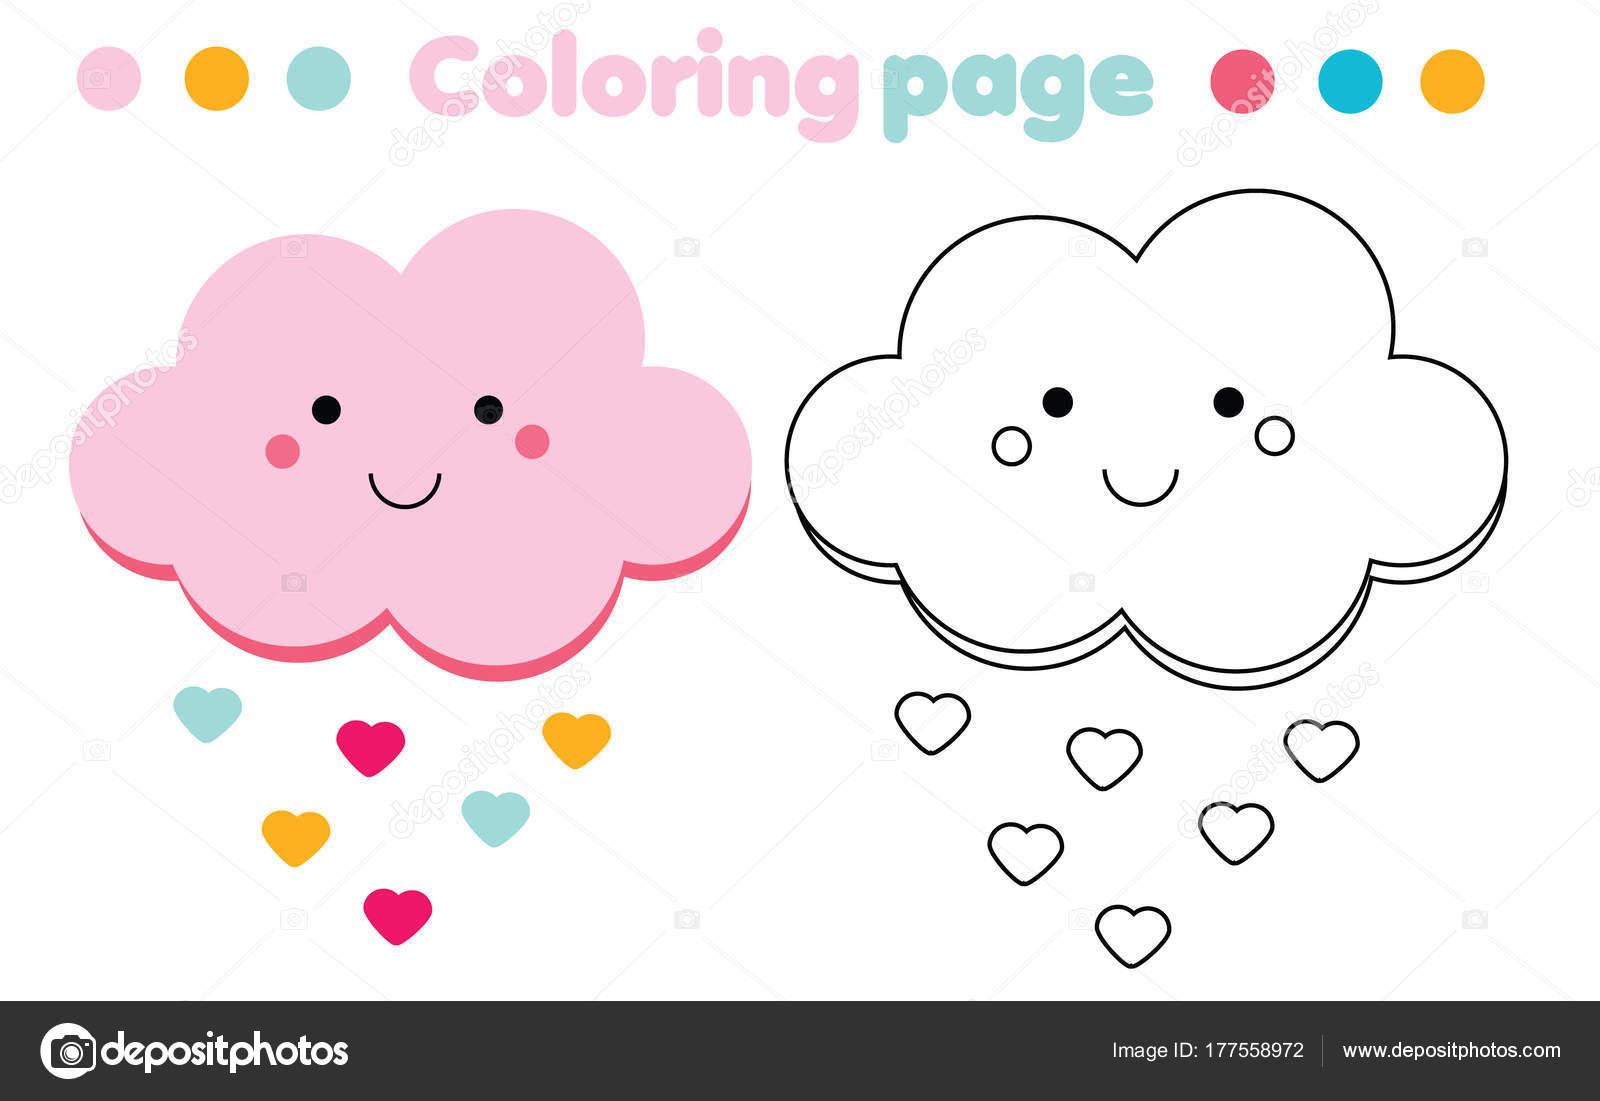 şirin Bulut Ile Boyama Sayfası Renkli Resmi Kids Hareket